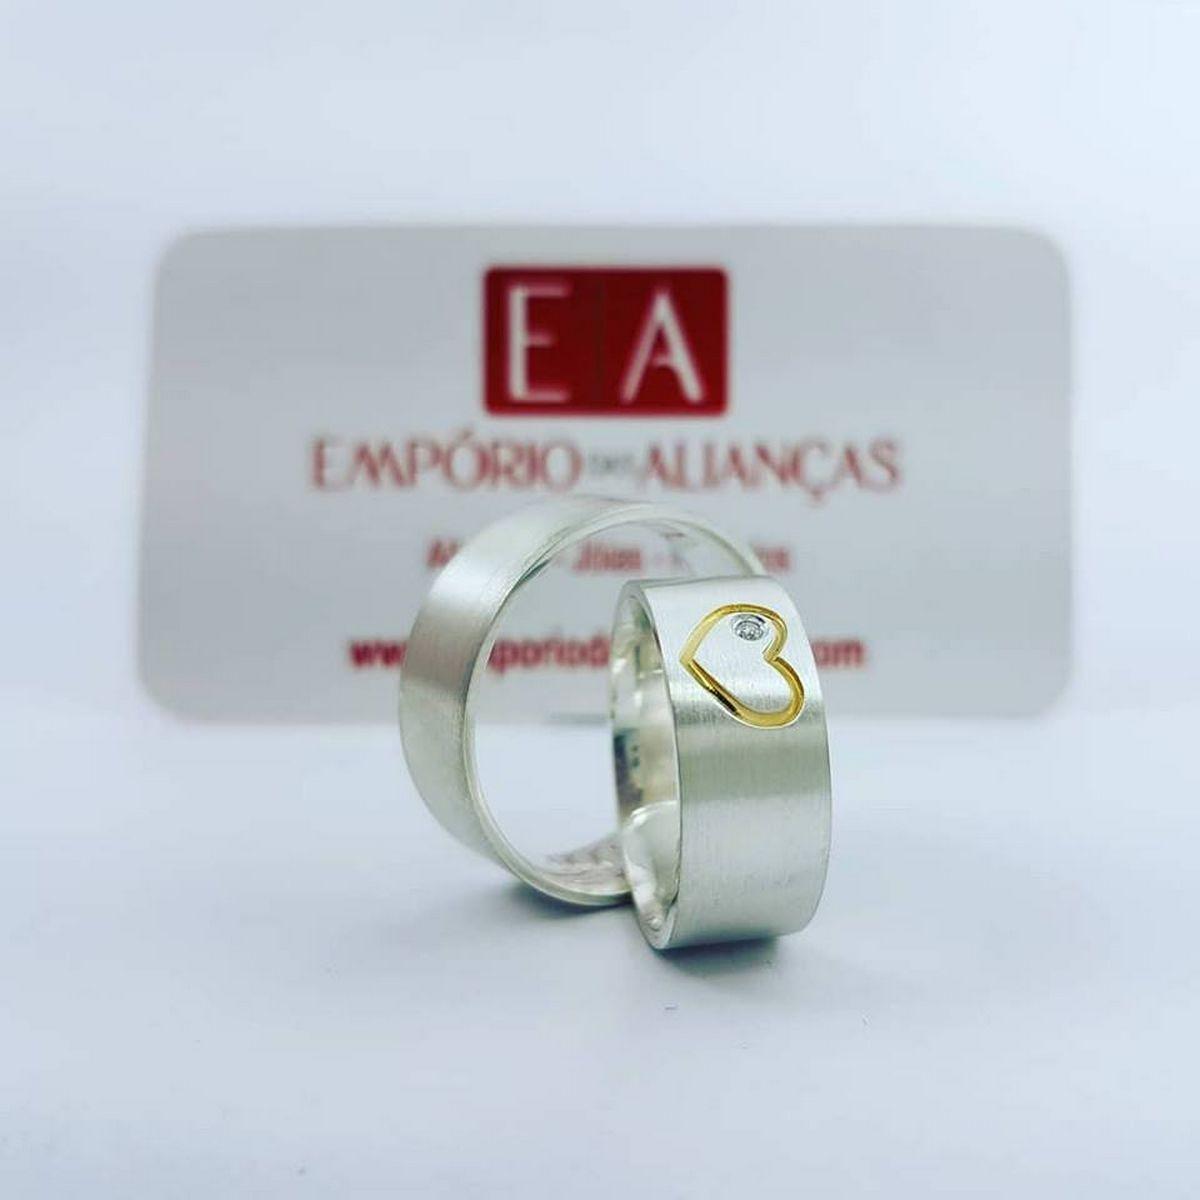 Alianças Prata Compromisso Namoro Quadrada Fosca Diamantada Coração mm 14 gramas Anatômica Trabalhada